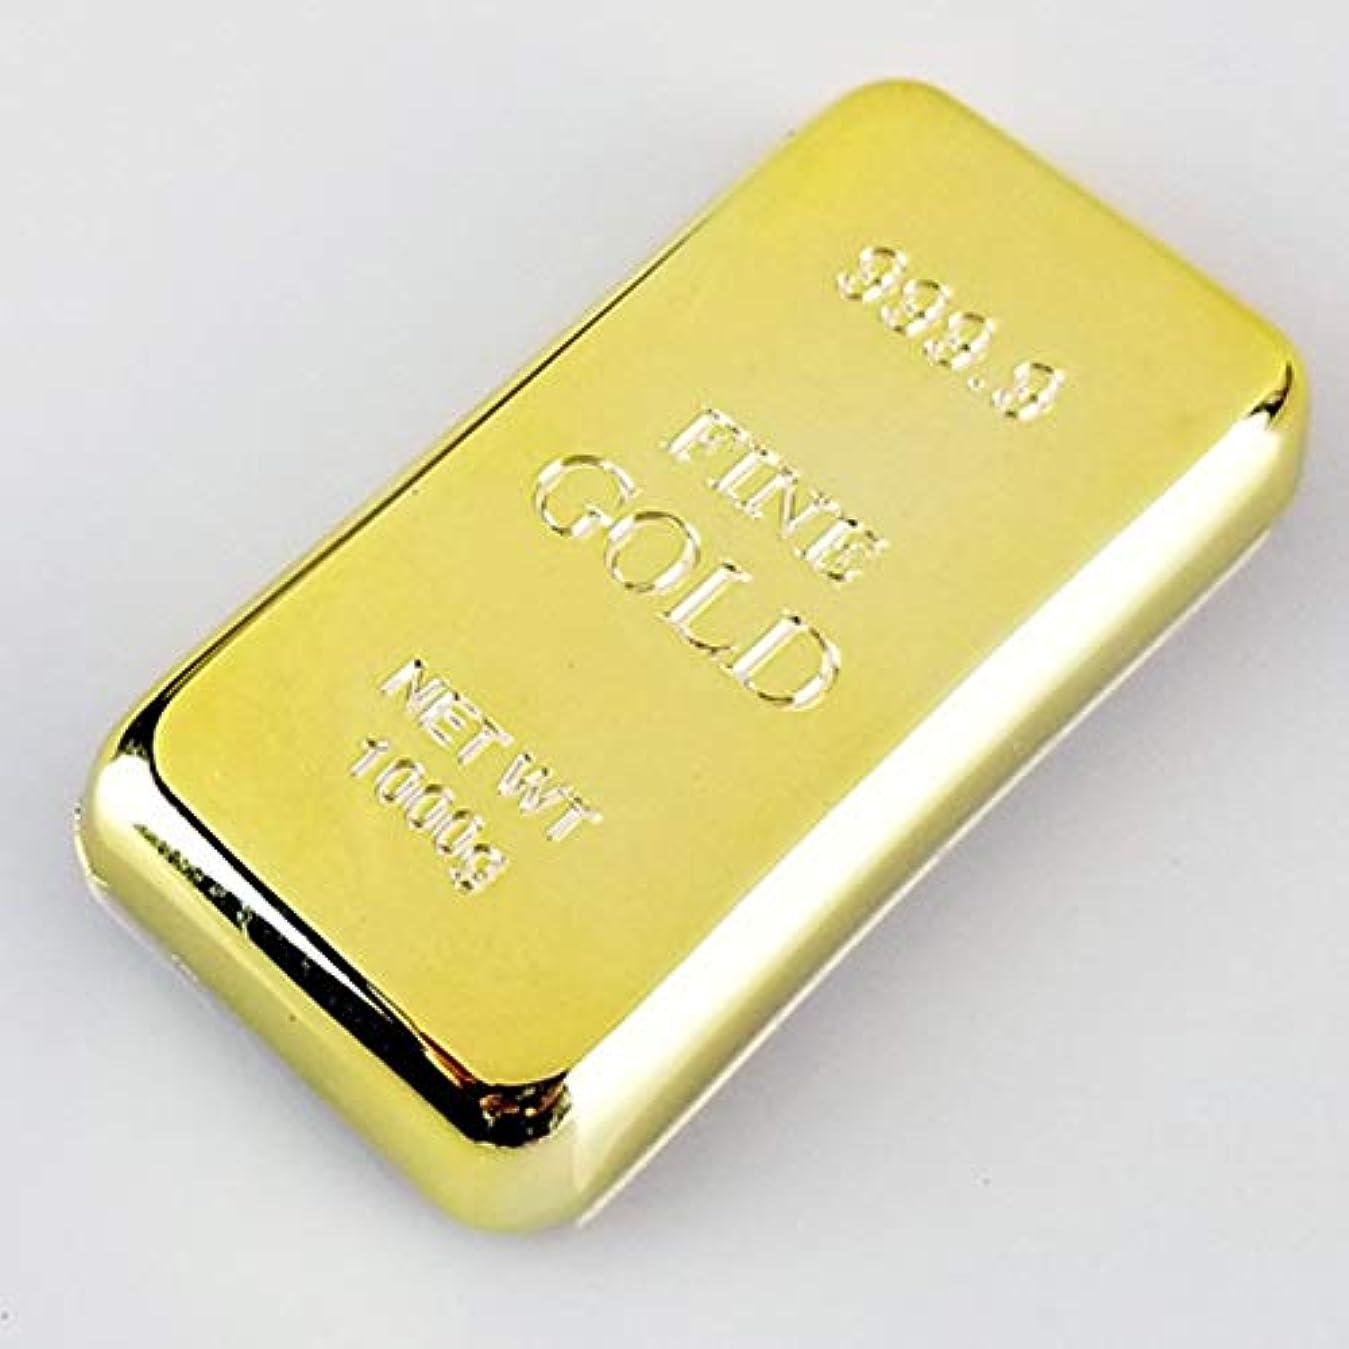 ドット小切手連帯Saikogoods ノベルティペーパーウェイトパーソナライズシャイニーゴールドメッキレンガバー文鎮クリエイティブデスクトップデコレーション ゴールド